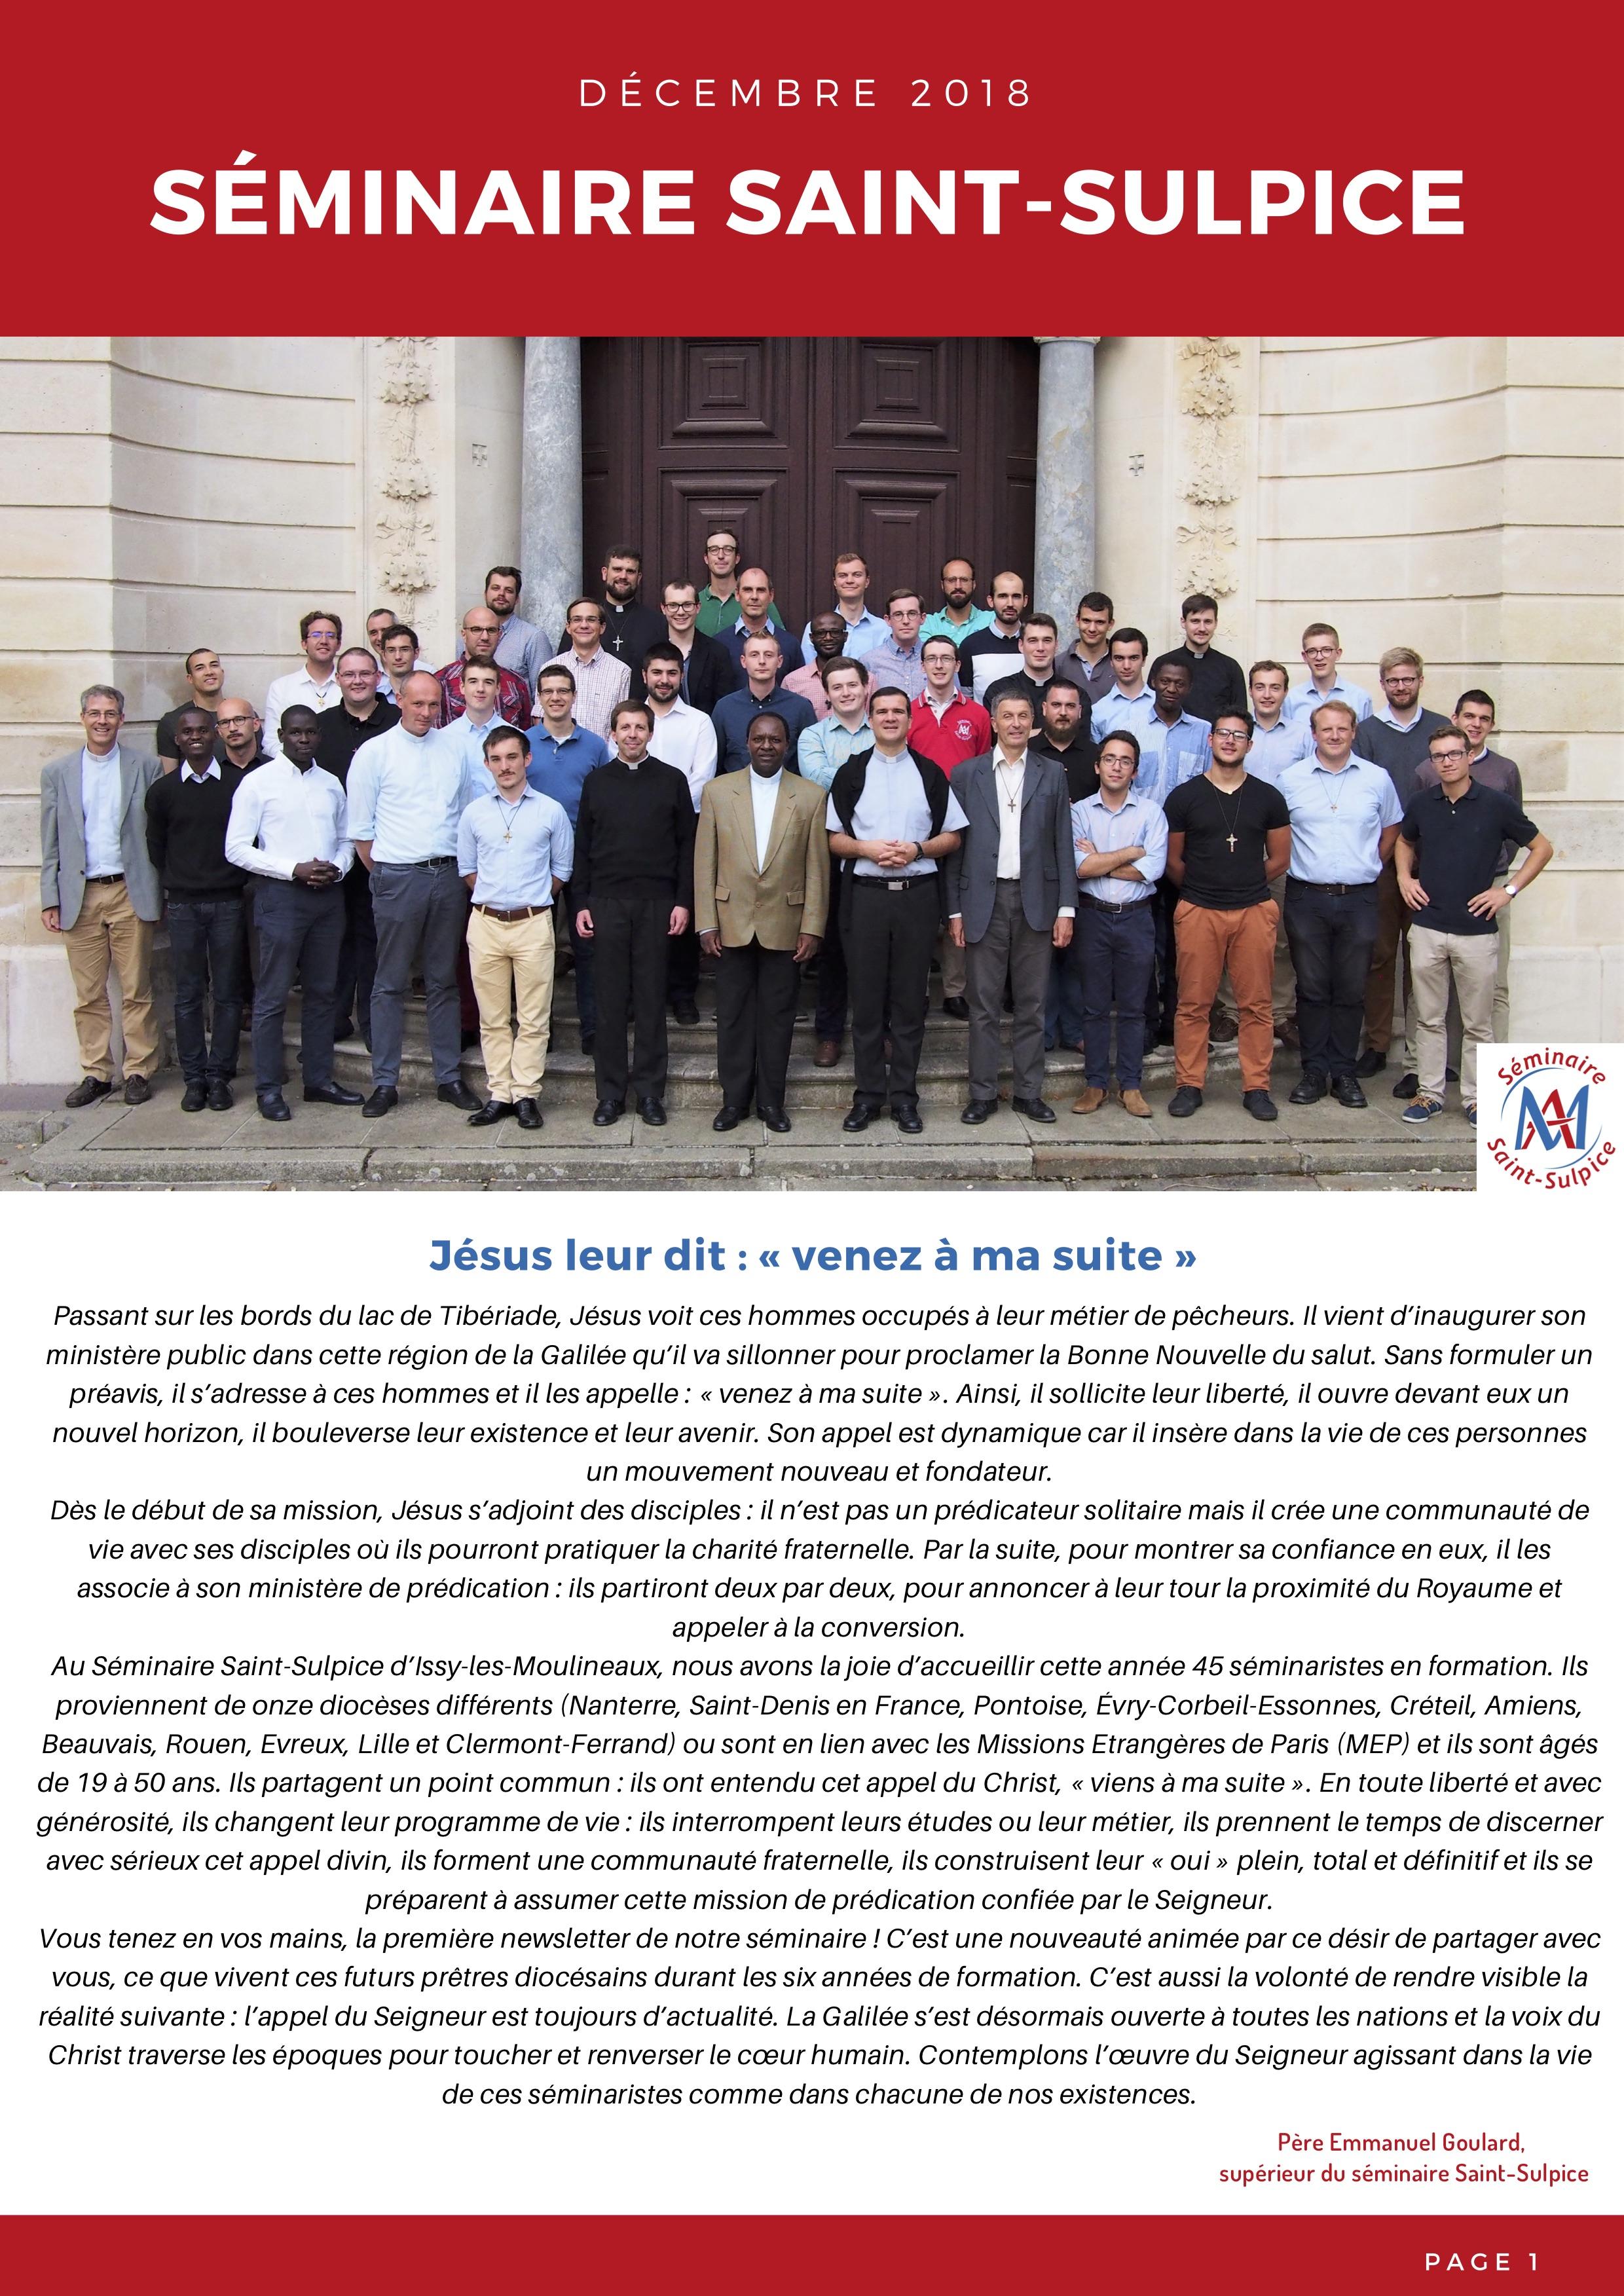 Newsletter Séminaire Saint-Sulpice décembre 2018 - p1